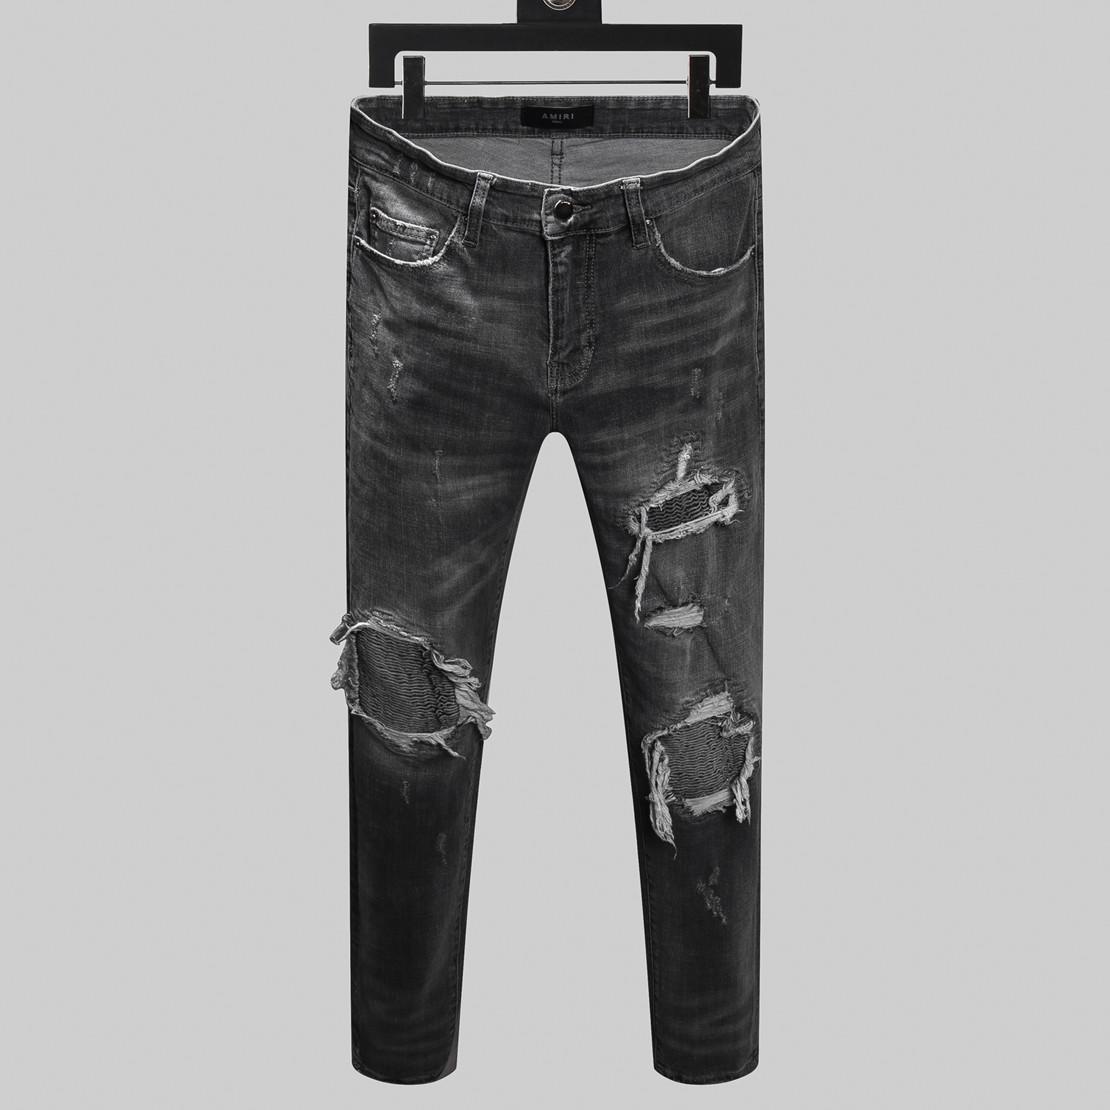 2020 моды бренда джинсы мужчины высокого качества эластичные Letters вышивка джинсы отверстие мужчины боятся бога мыть рок стиль мотоцикла мужские джинсы Slim Fit